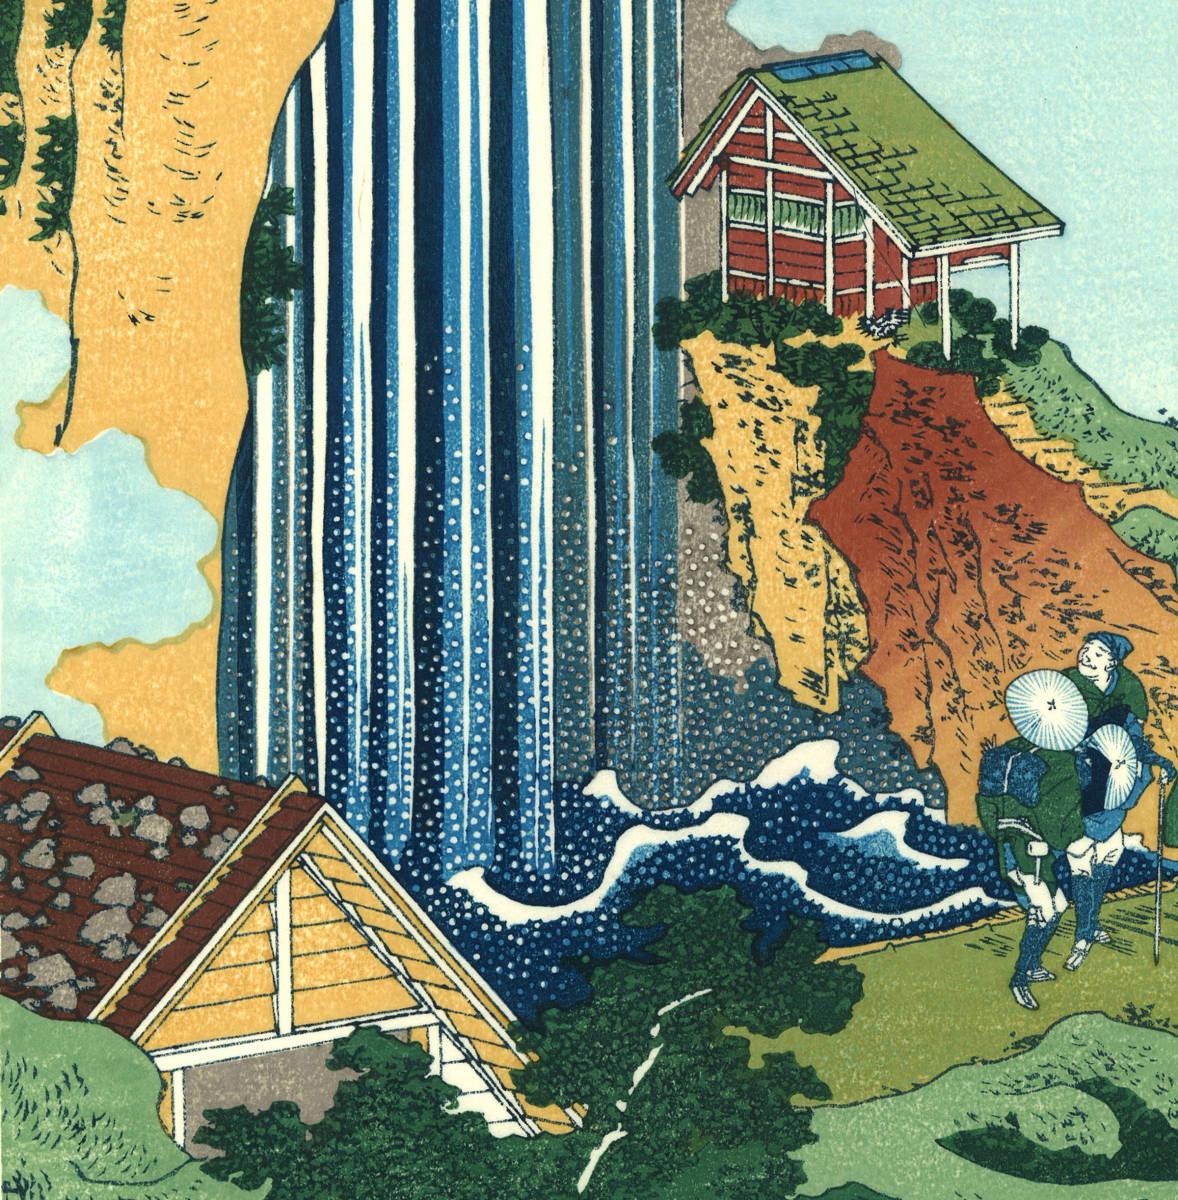 葛飾北斎 (Katsushika Hokusai) 木版画 組合版 諸国瀧廻り 木曽海道小野ノ瀑布  初版1833年(天保4年)頃  一流の職人技を是非!!_画像9